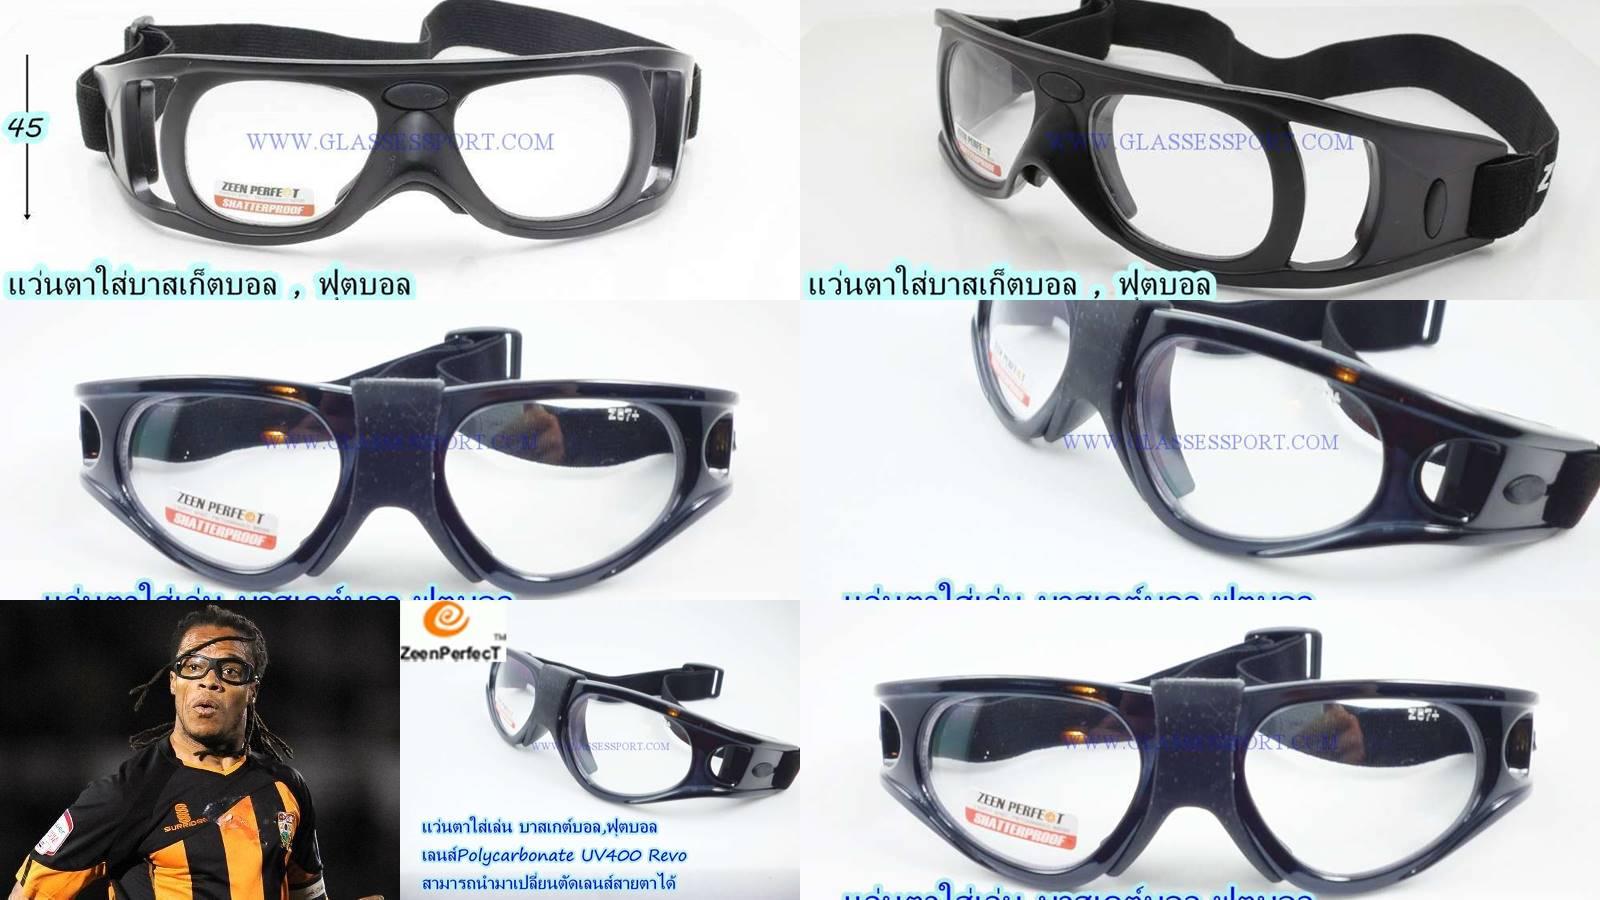 แว่นตาสำหรับเล่นกีฬาบาสเกตบอล,ฟุตบอล อื่นๆสามารถเปลี่ยนเป็นเลนสา